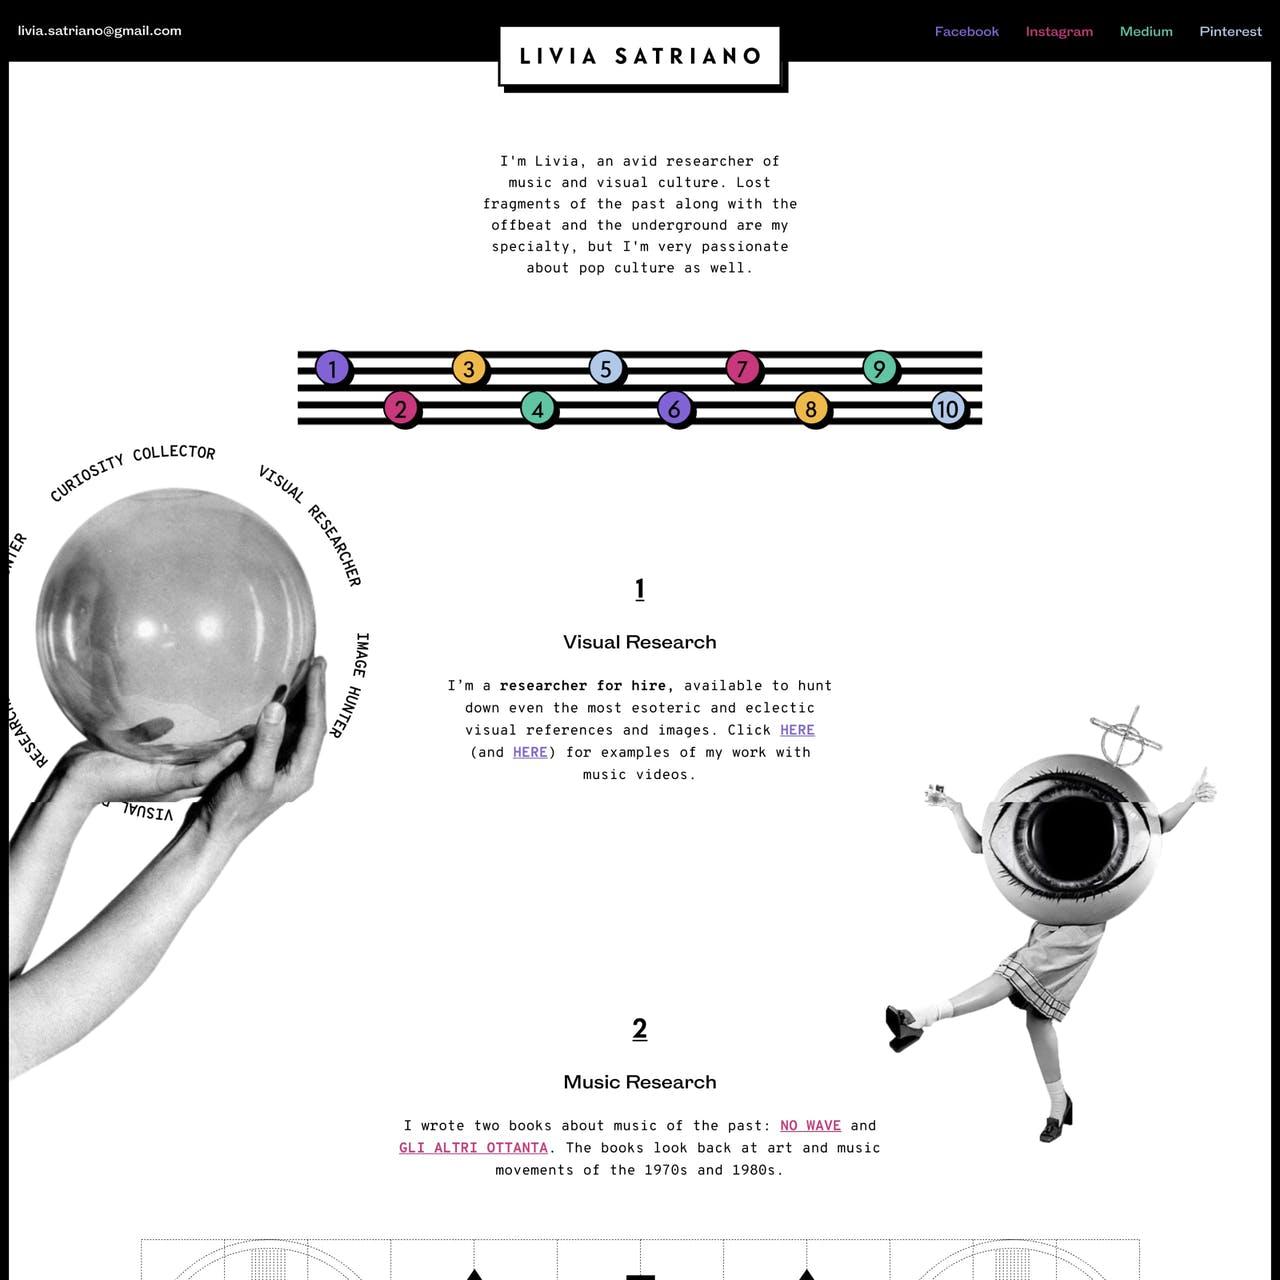 Livia Satriano Website Screenshot